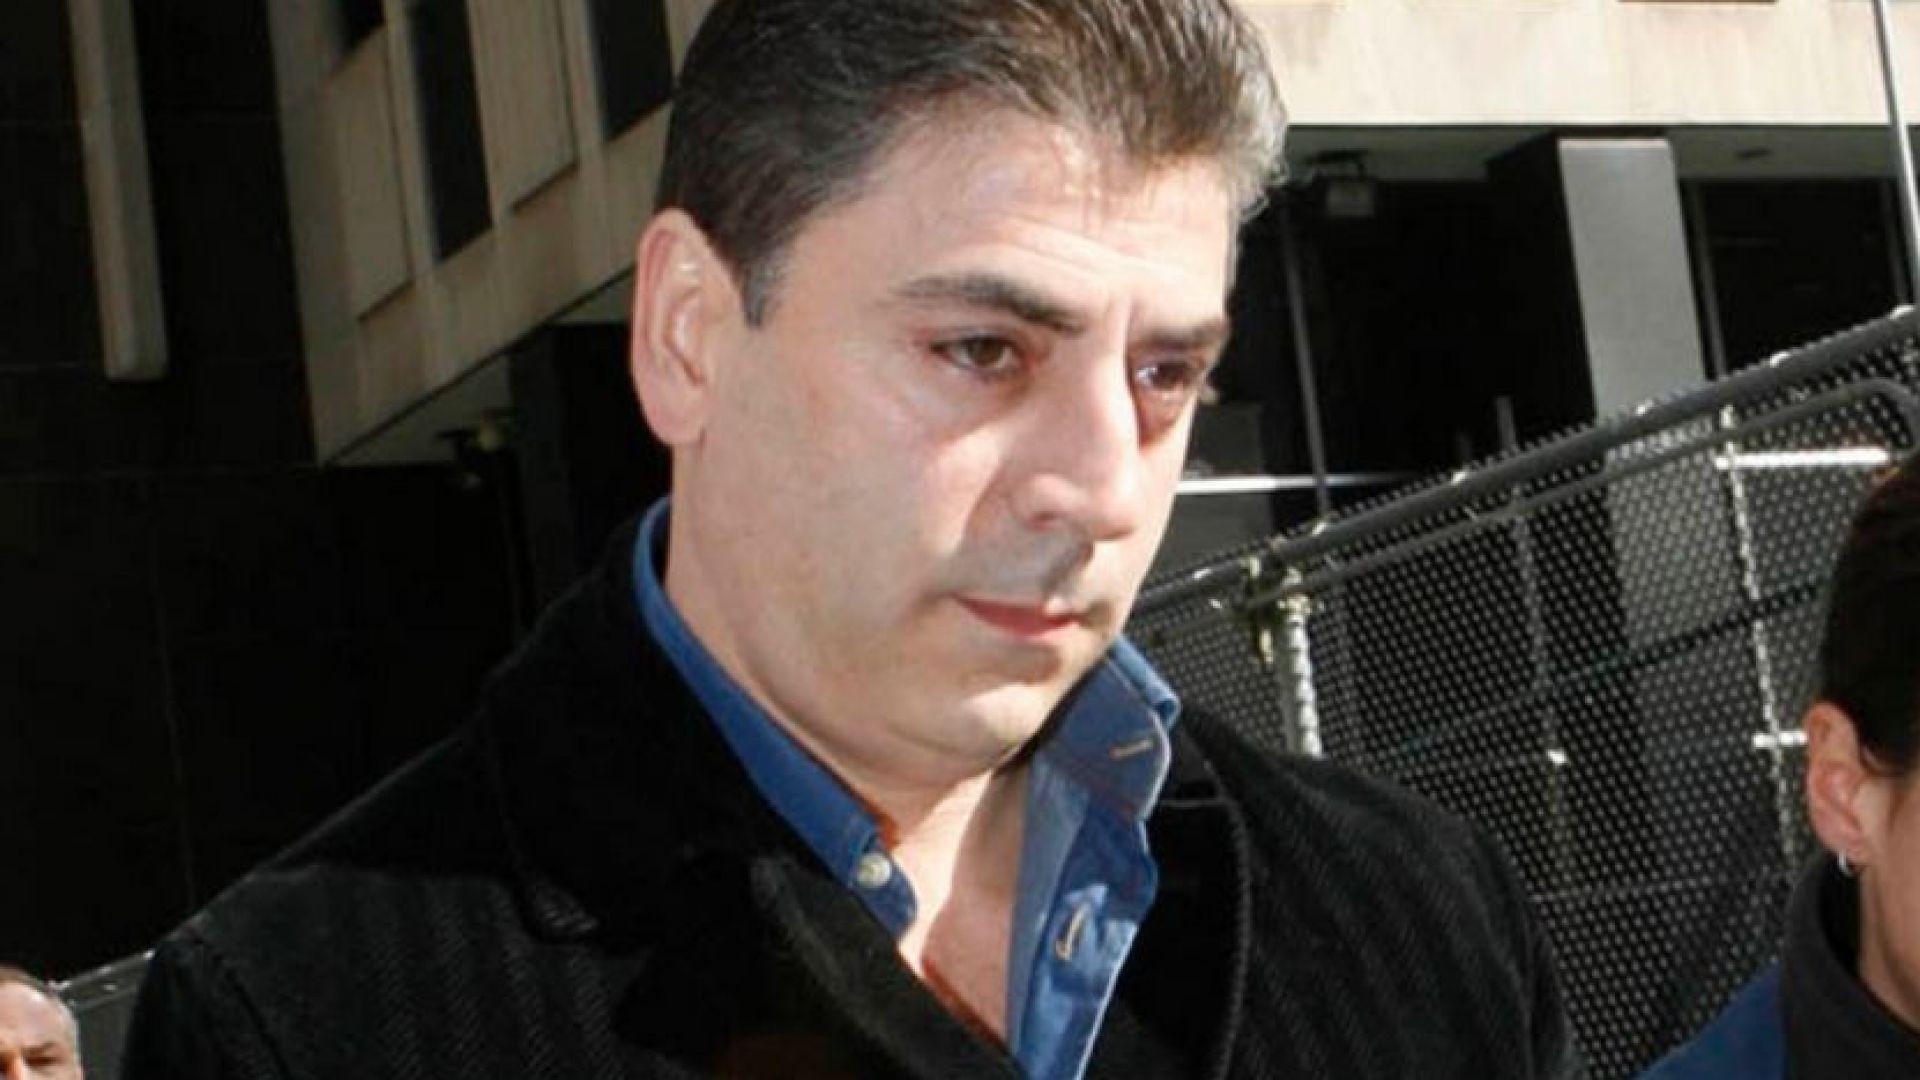 Застреляха главата на фамилията Гамбино в Ню Йорк (видео)